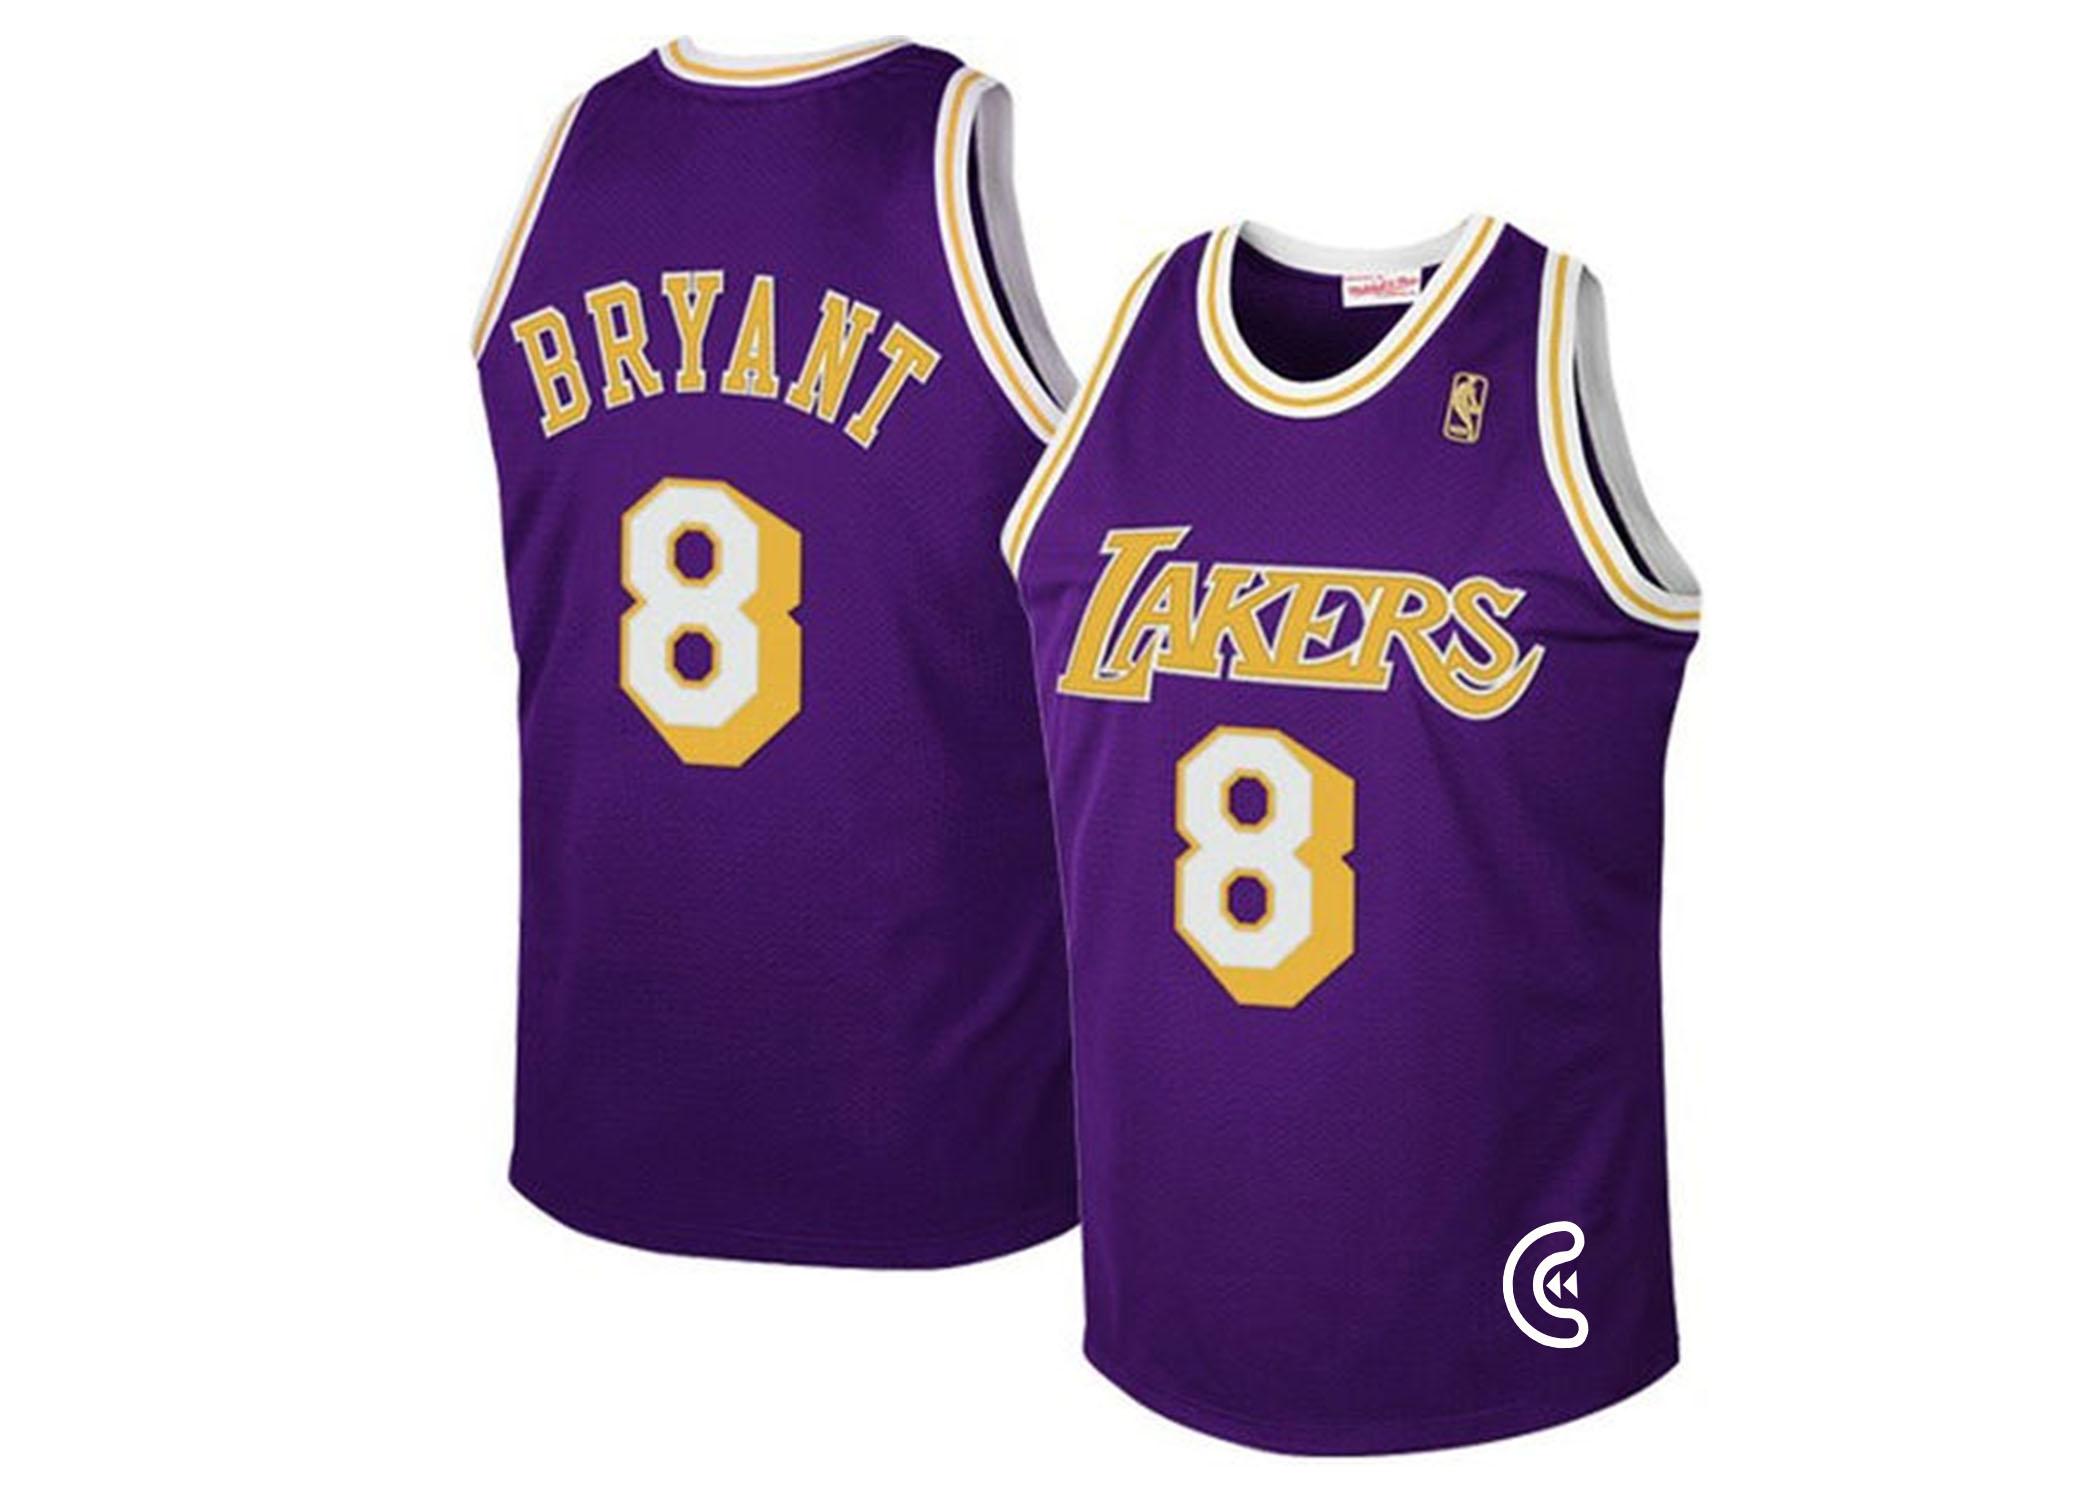 Kobe Bryant -Lakers    $249.99